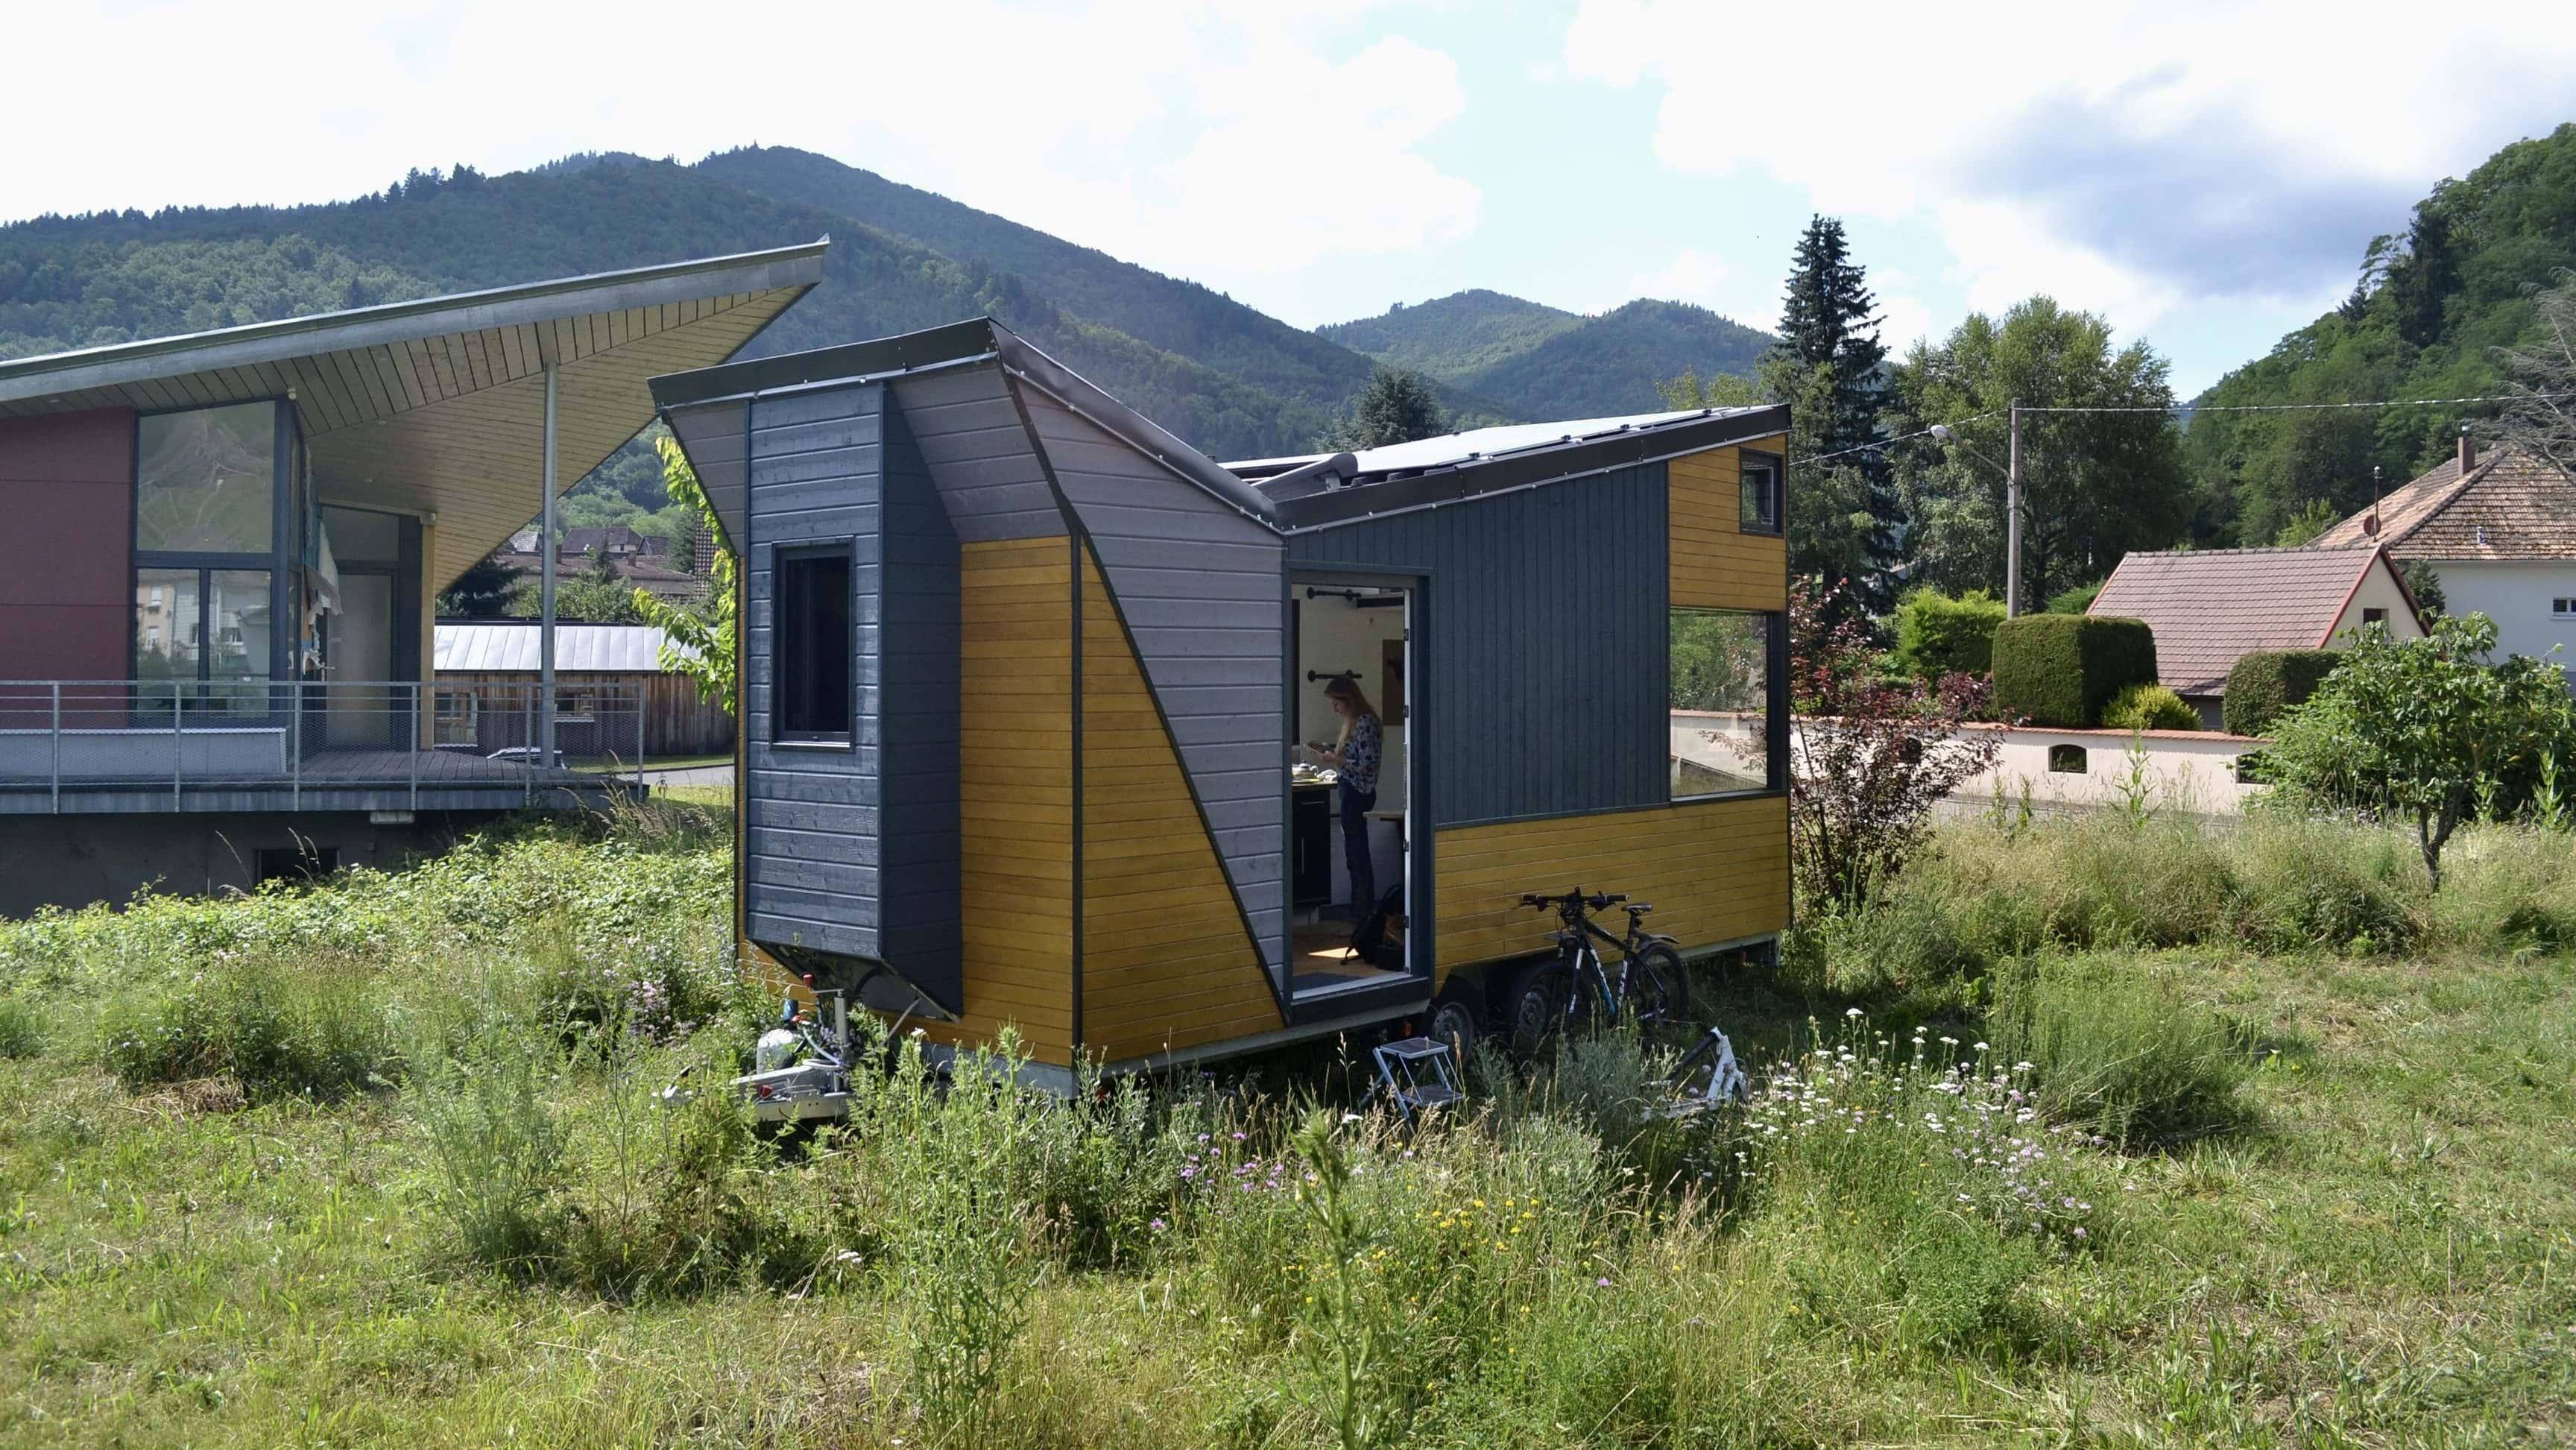 Achat Remorque Tiny House Écolos et autonomes, lars et laura s'installent dans une